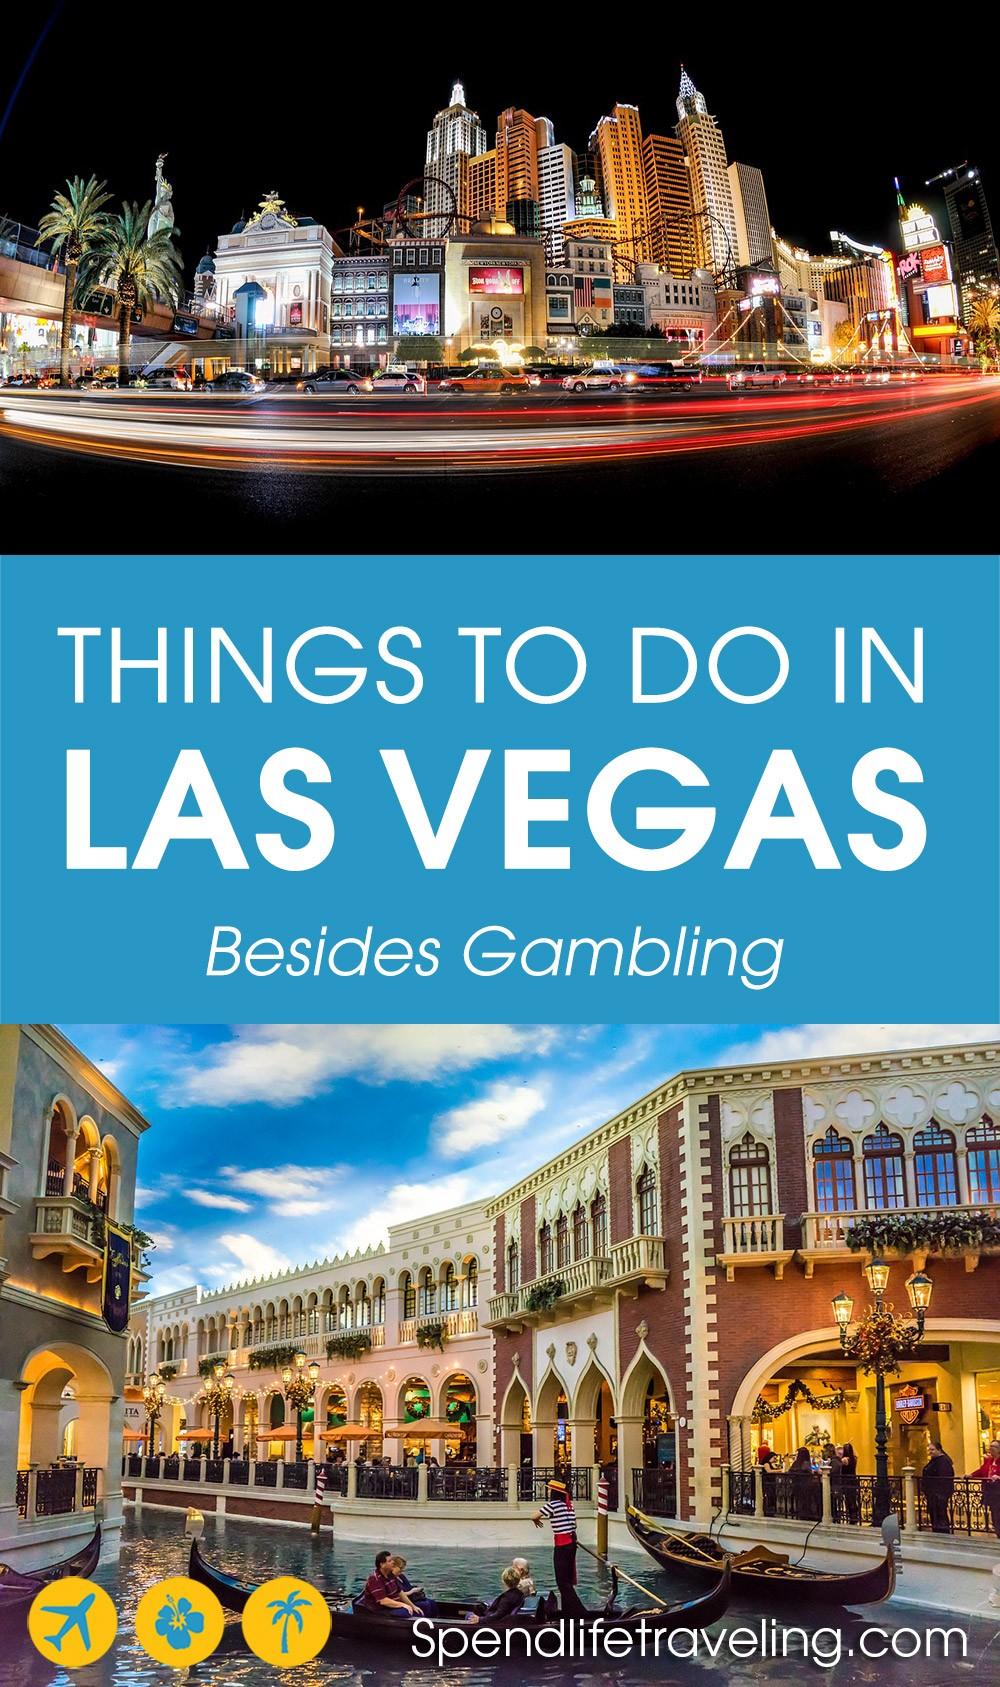 What to do in Vegas besides gambling? A complete guide. #LasVegas #visitLasVegas